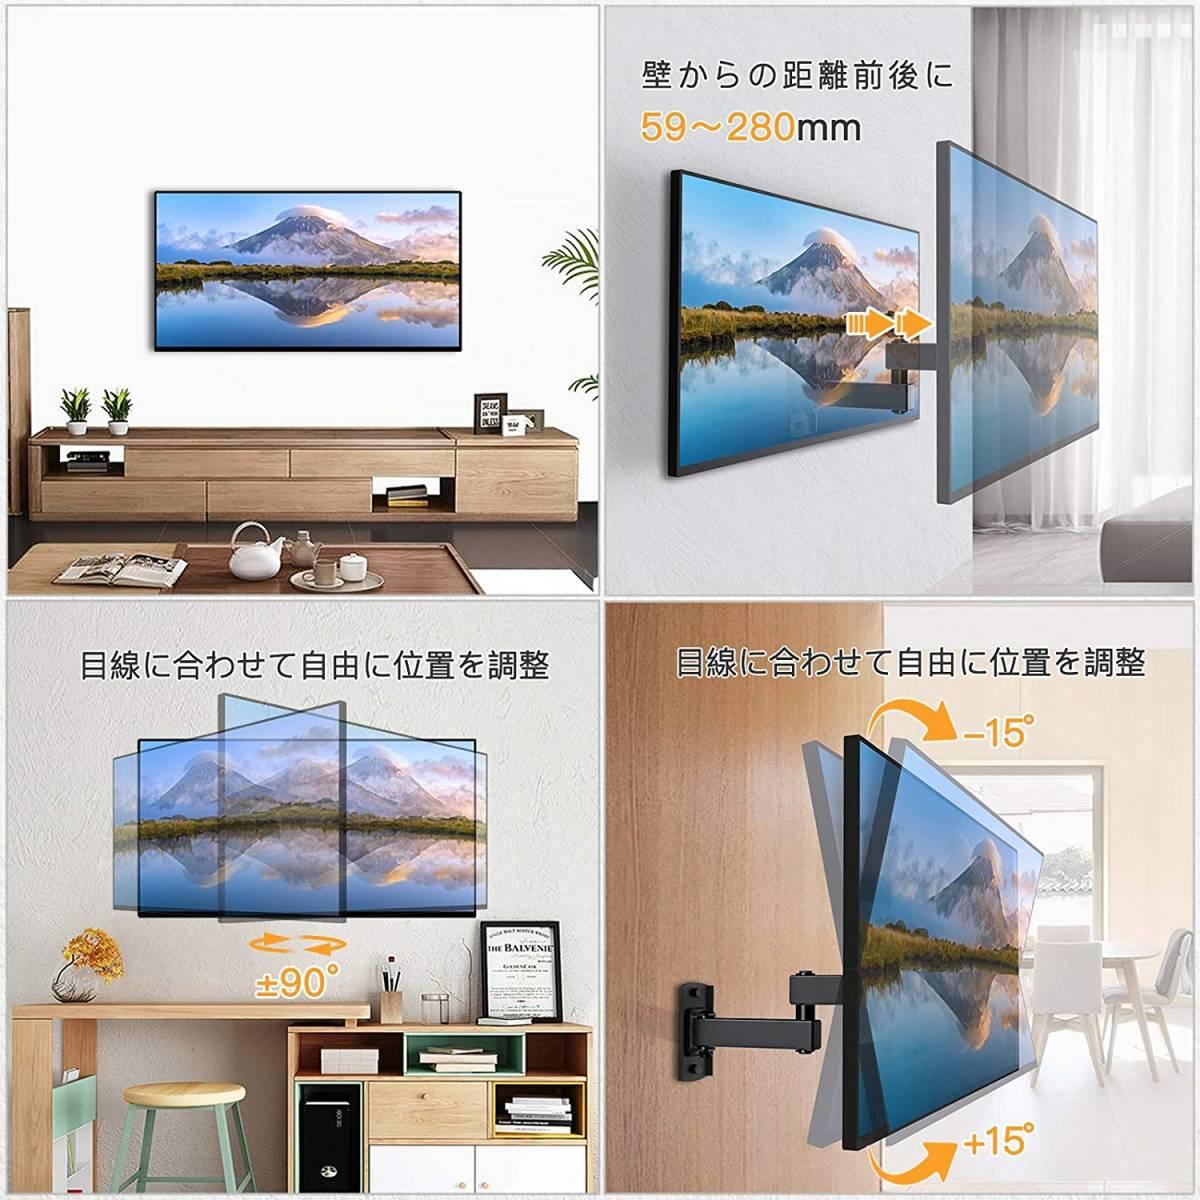 テレビ壁掛け金具 13~42インチ モニターLCD LED液晶テレビ対応 ティルト調節式 VESA対応 最大100x100mm 耐荷重15kg ネジ類付き (アーム型)_画像7